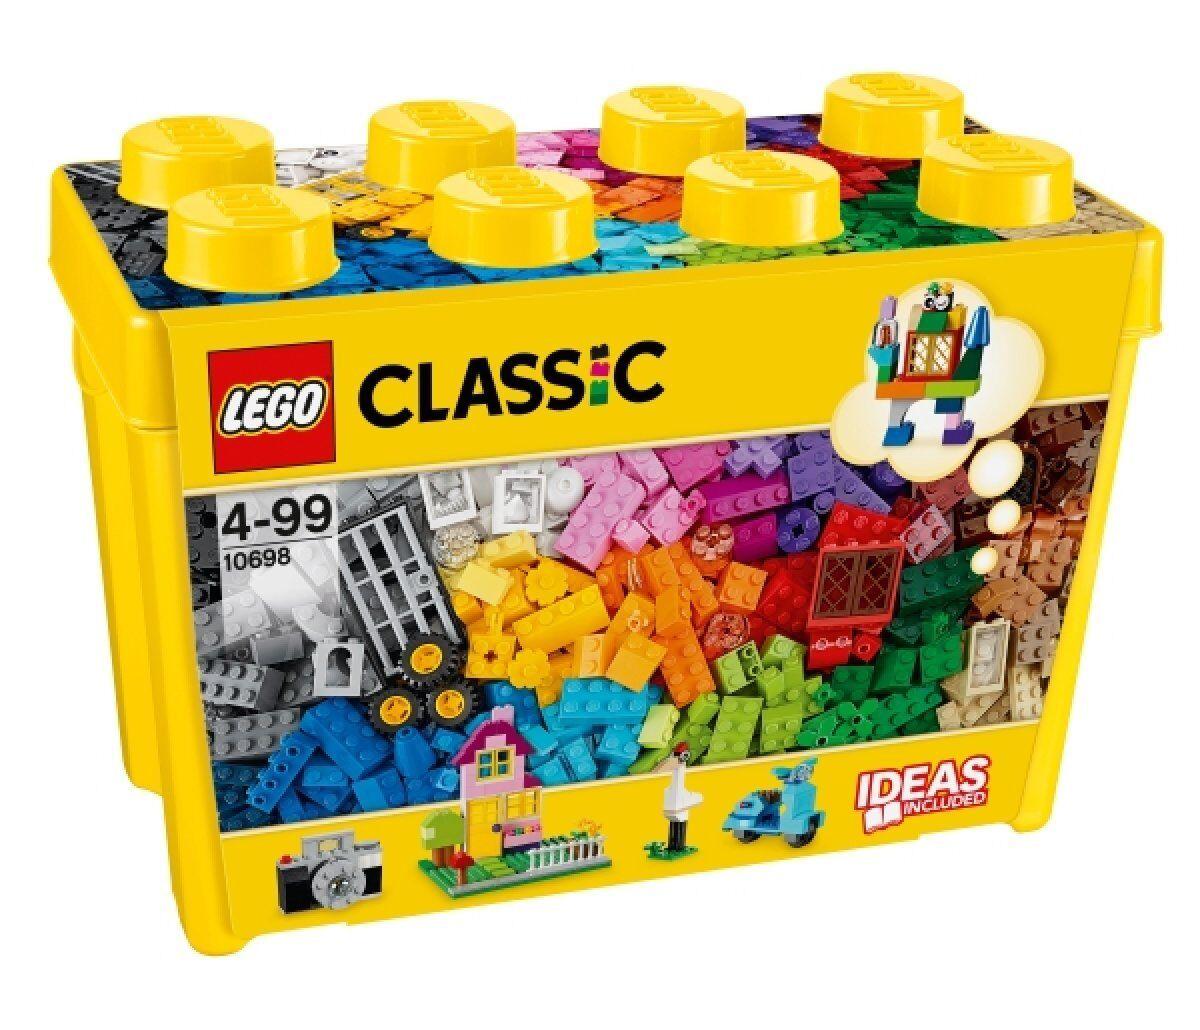 LEGO Classic 10698 Grands Blocs De Construction-Boîte Construction-Boîte Construction-Boîte Briques Lego bacd8e